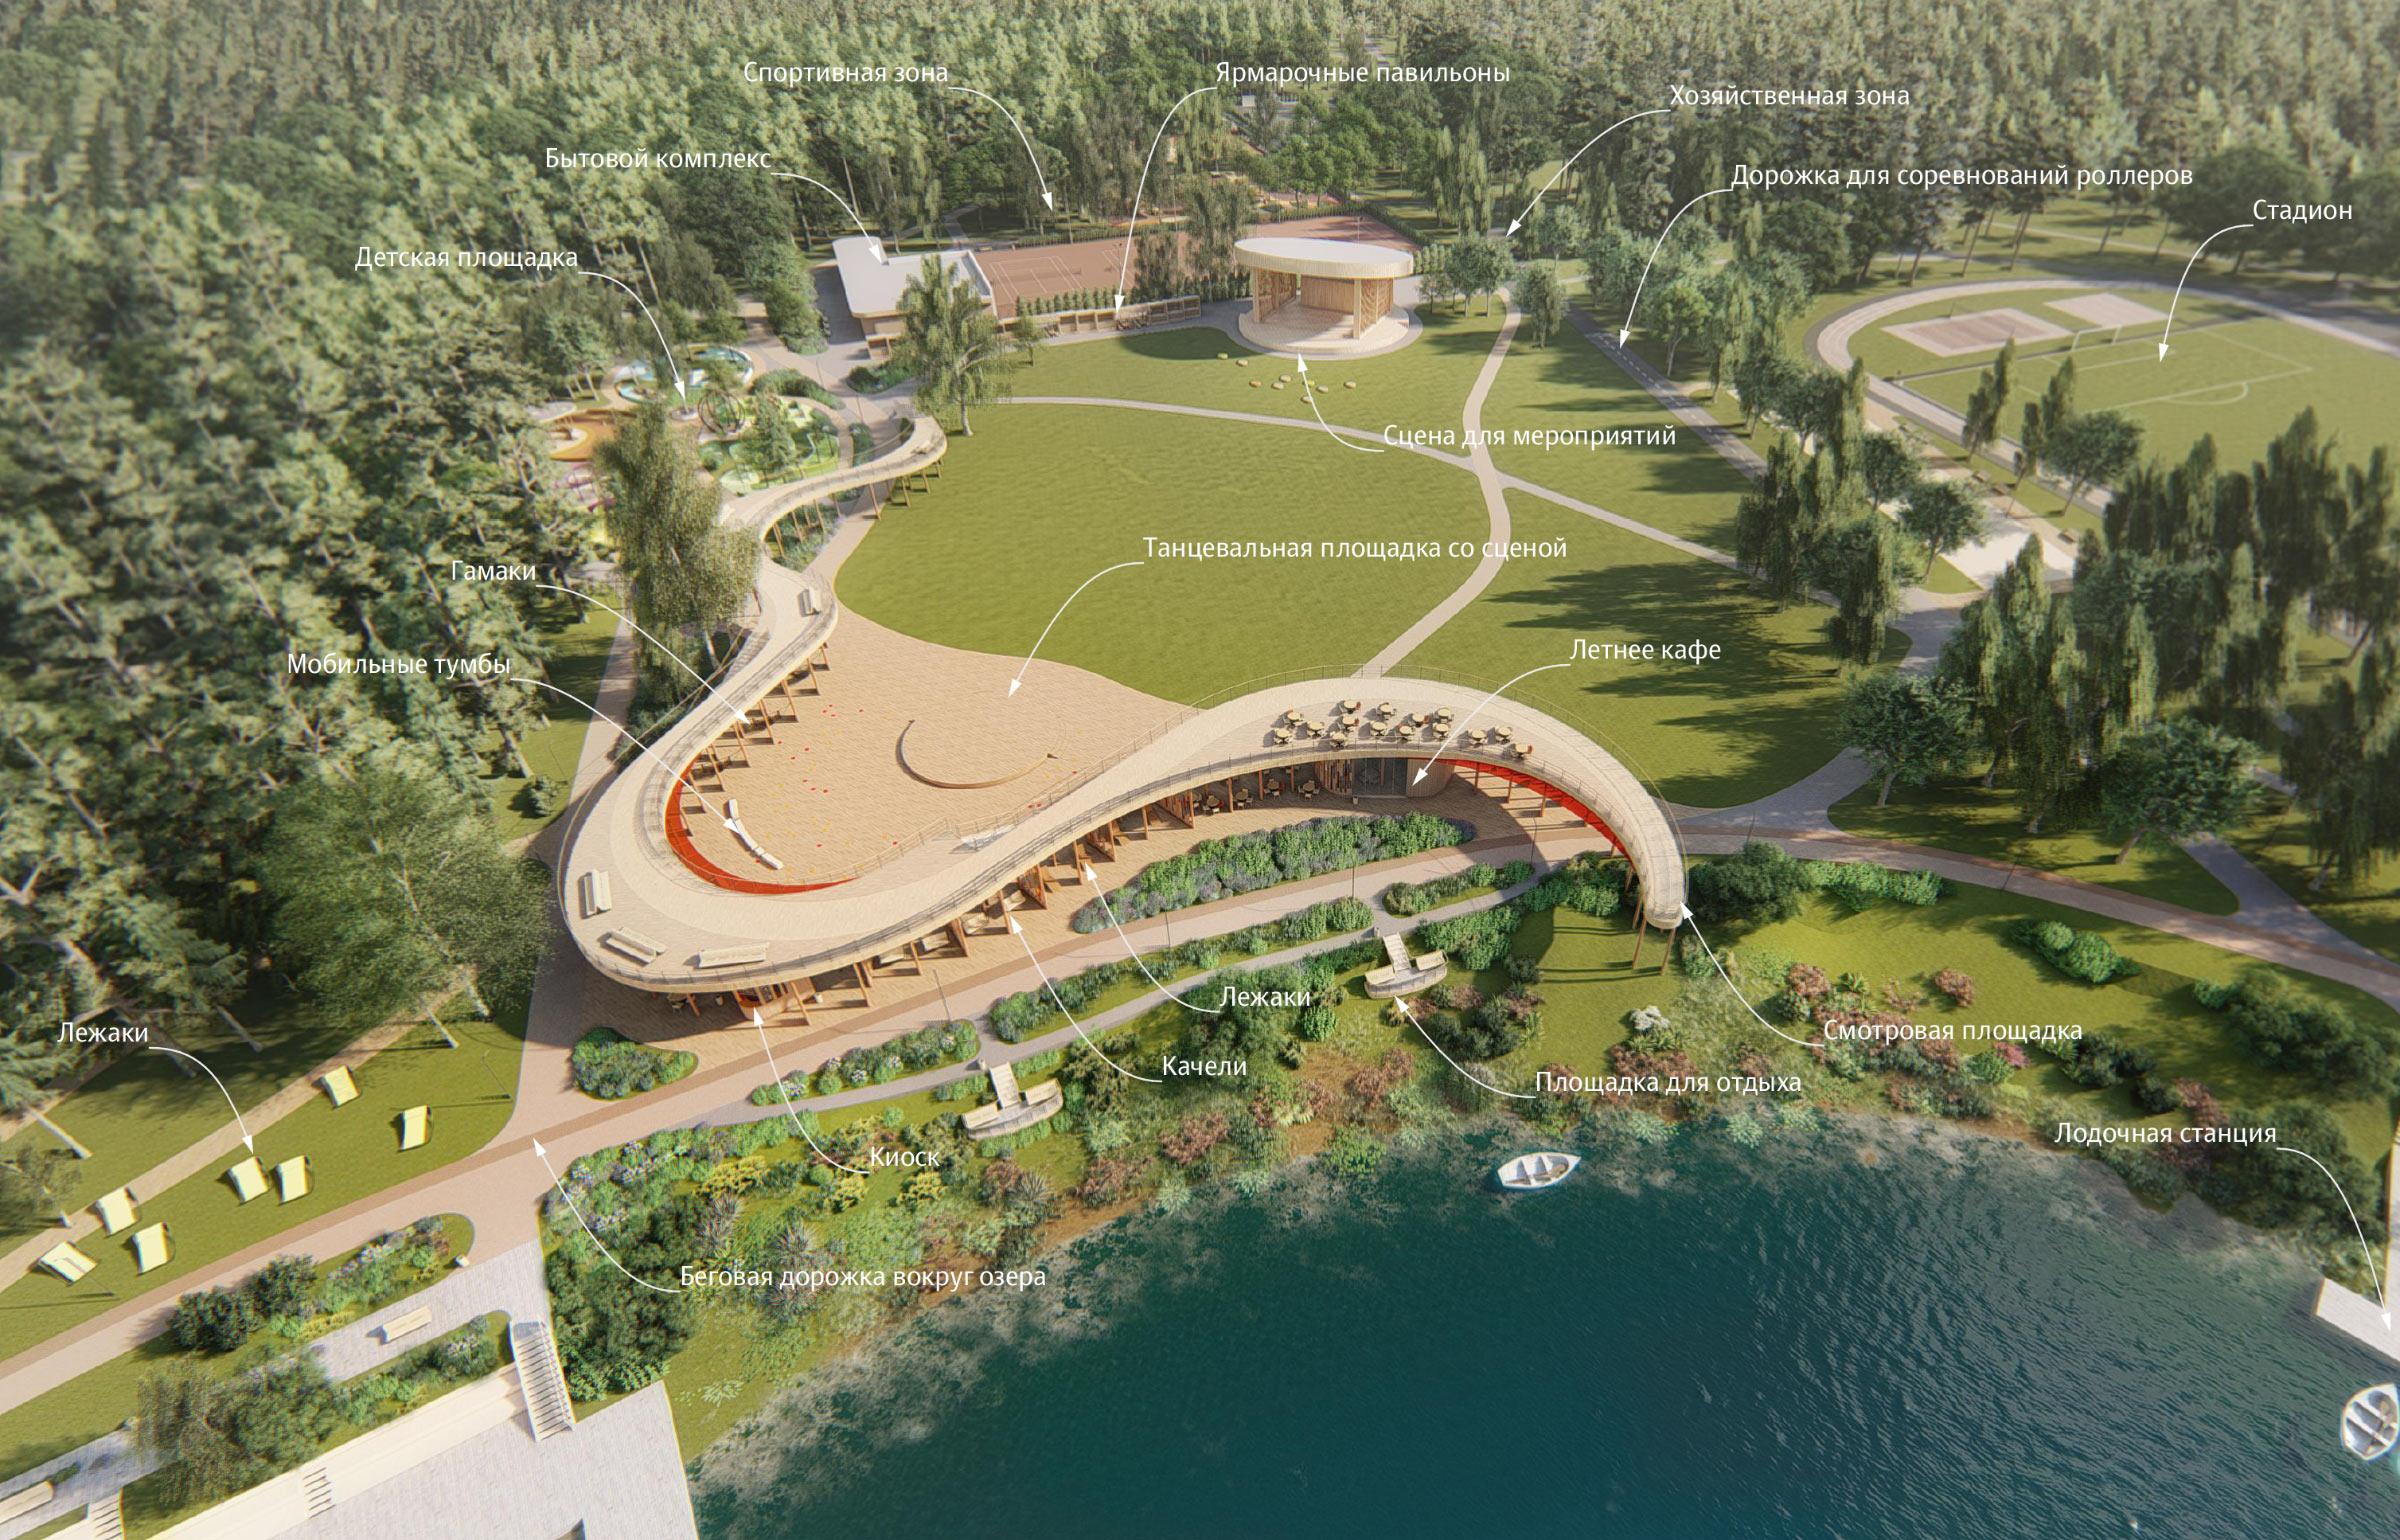 Концепция парка «Южное озеро» в Черноголовке